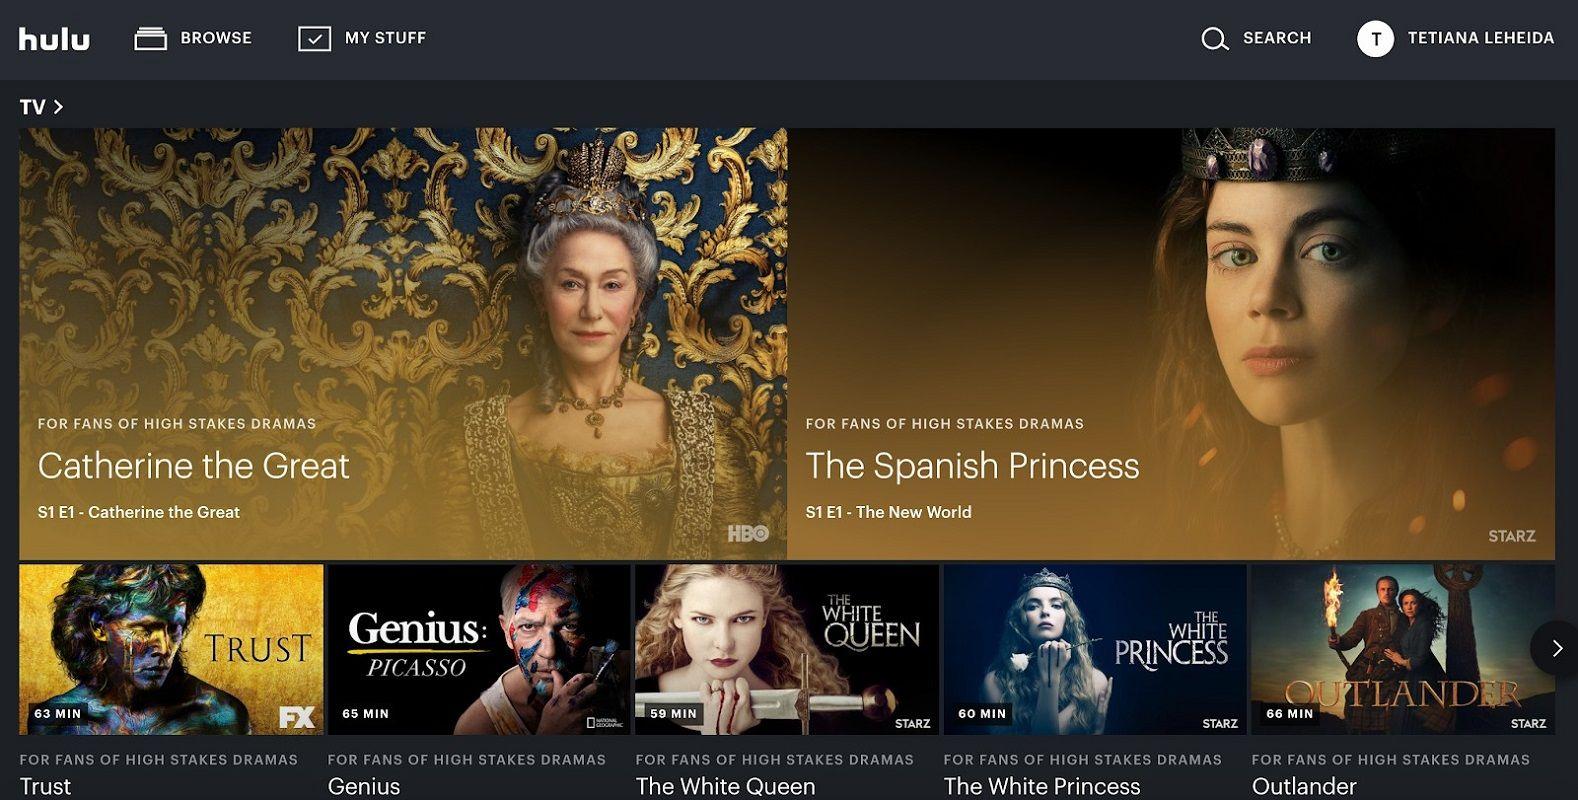 cancelar suscripción Hulu 1